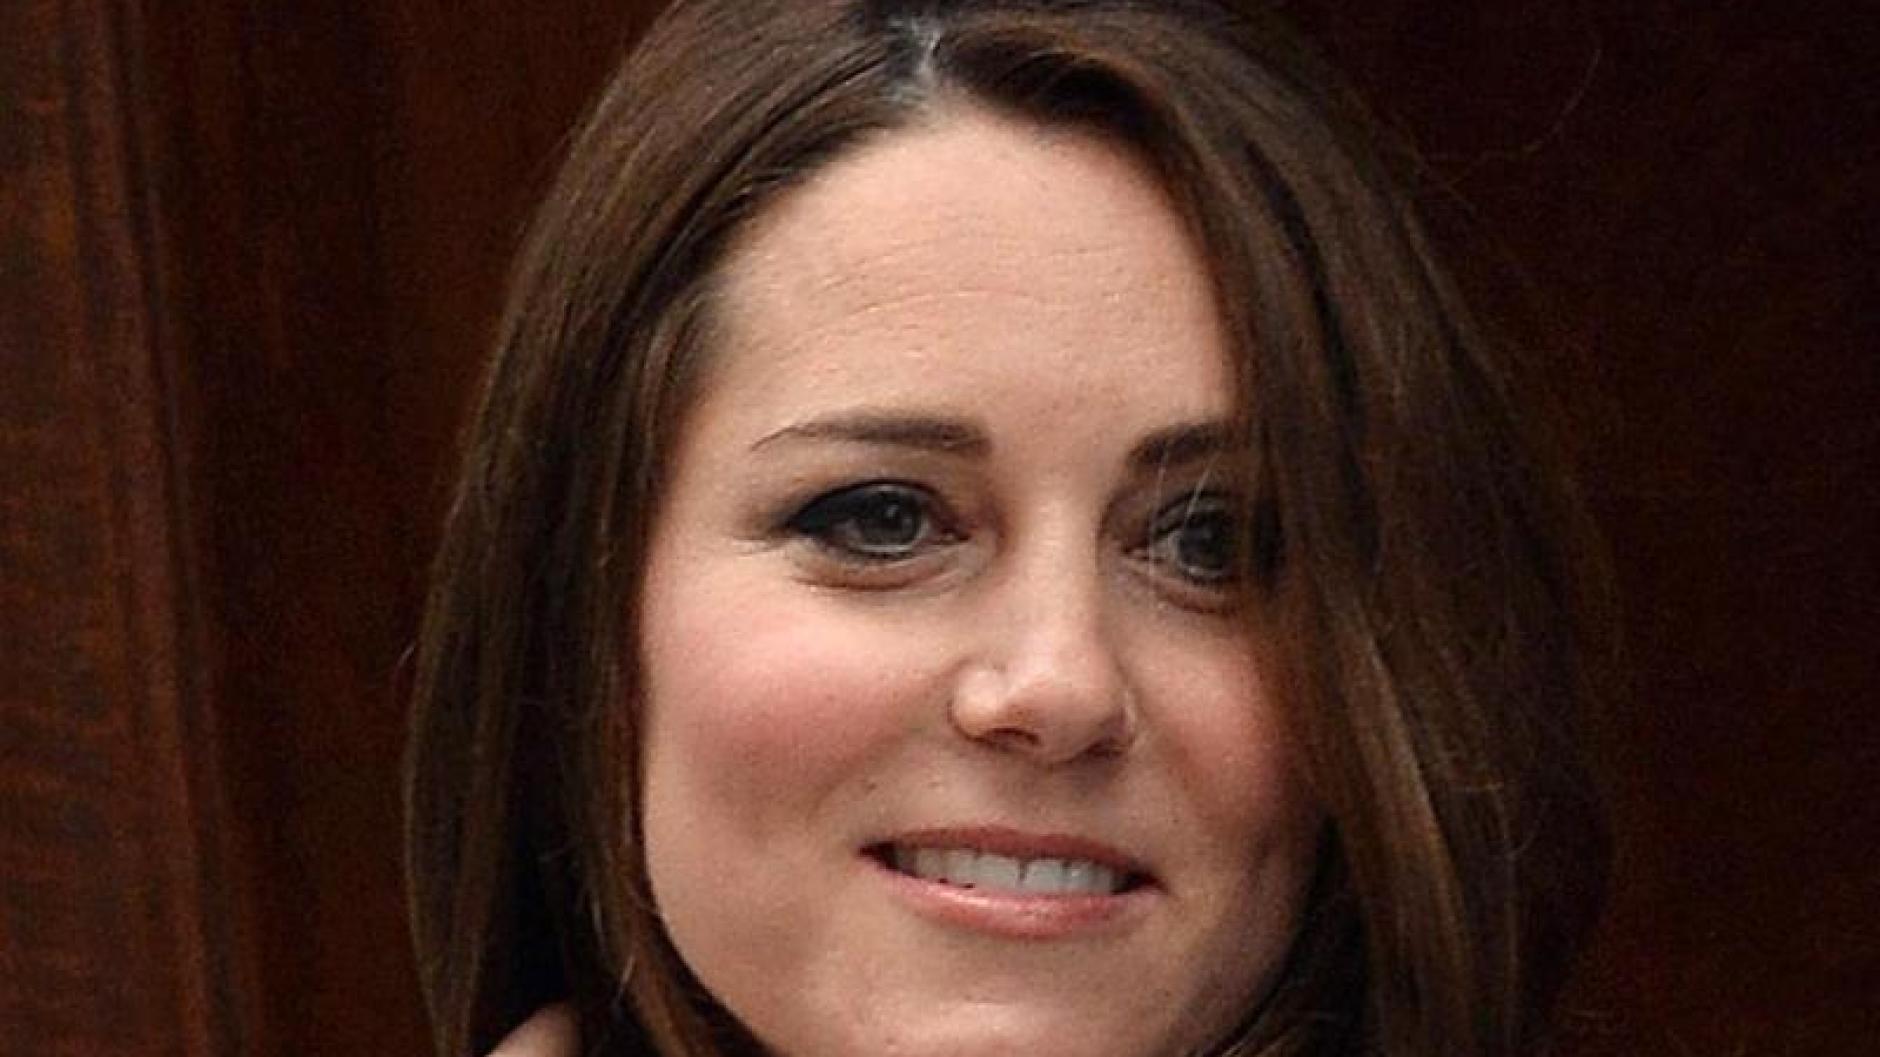 Herzogin: Kate nackt: Gericht fällt Urteil zu Oben-ohne